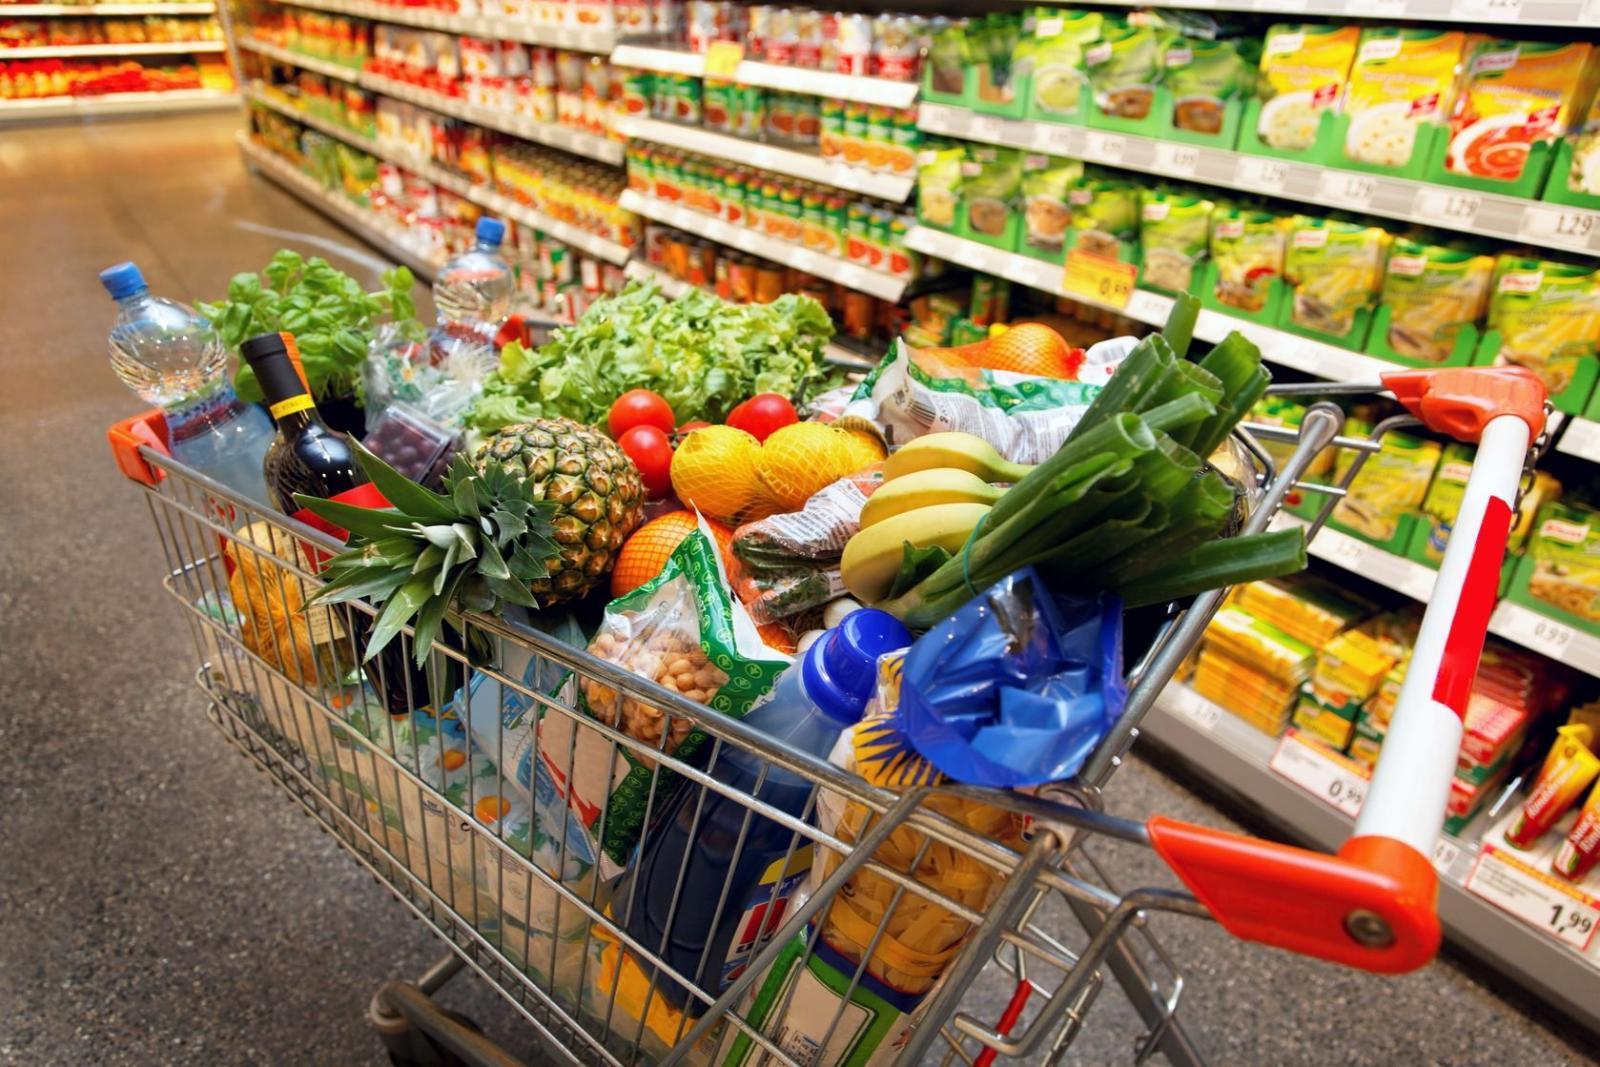 Брянцы оставляют в магазинах в среднем 226 тысяч рублей в год